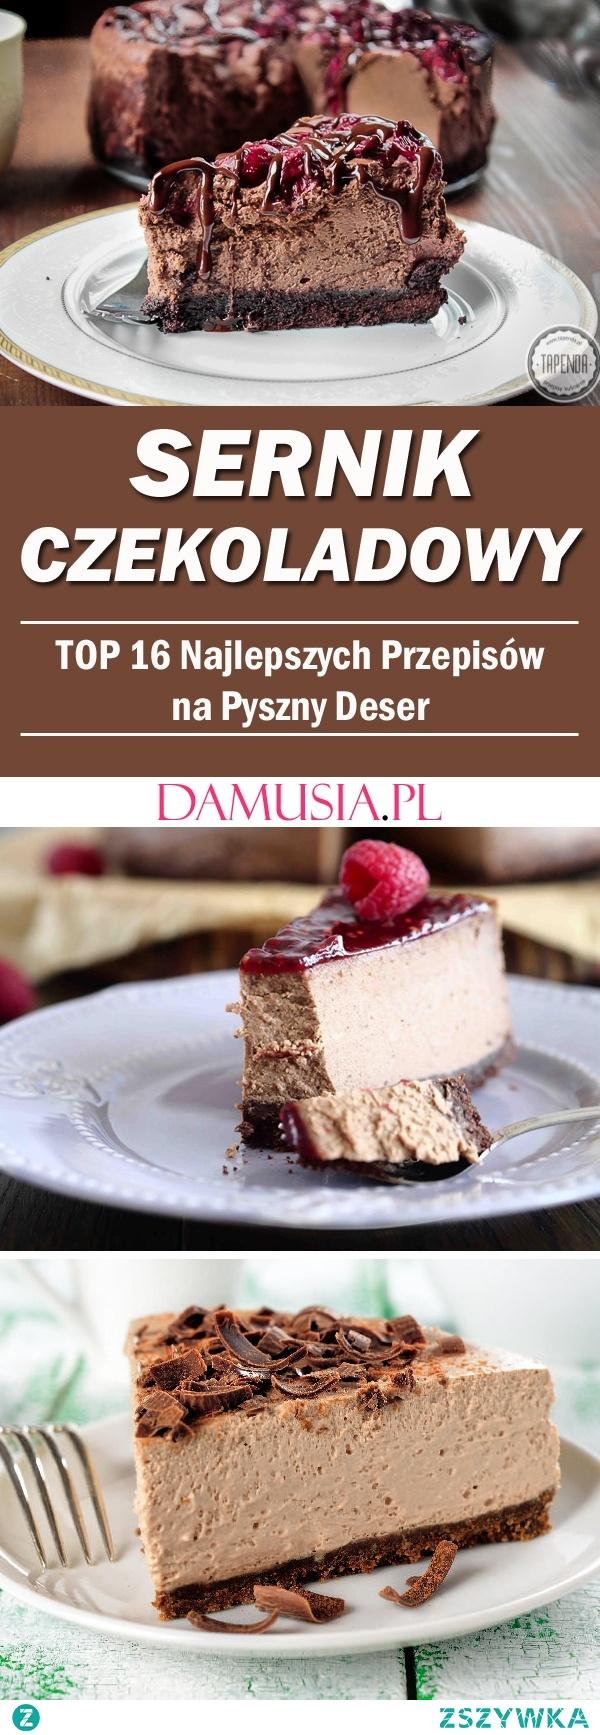 Sernik Czekoladowy – TOP 16 Najlepszych Przepisów na Pyszny Deser